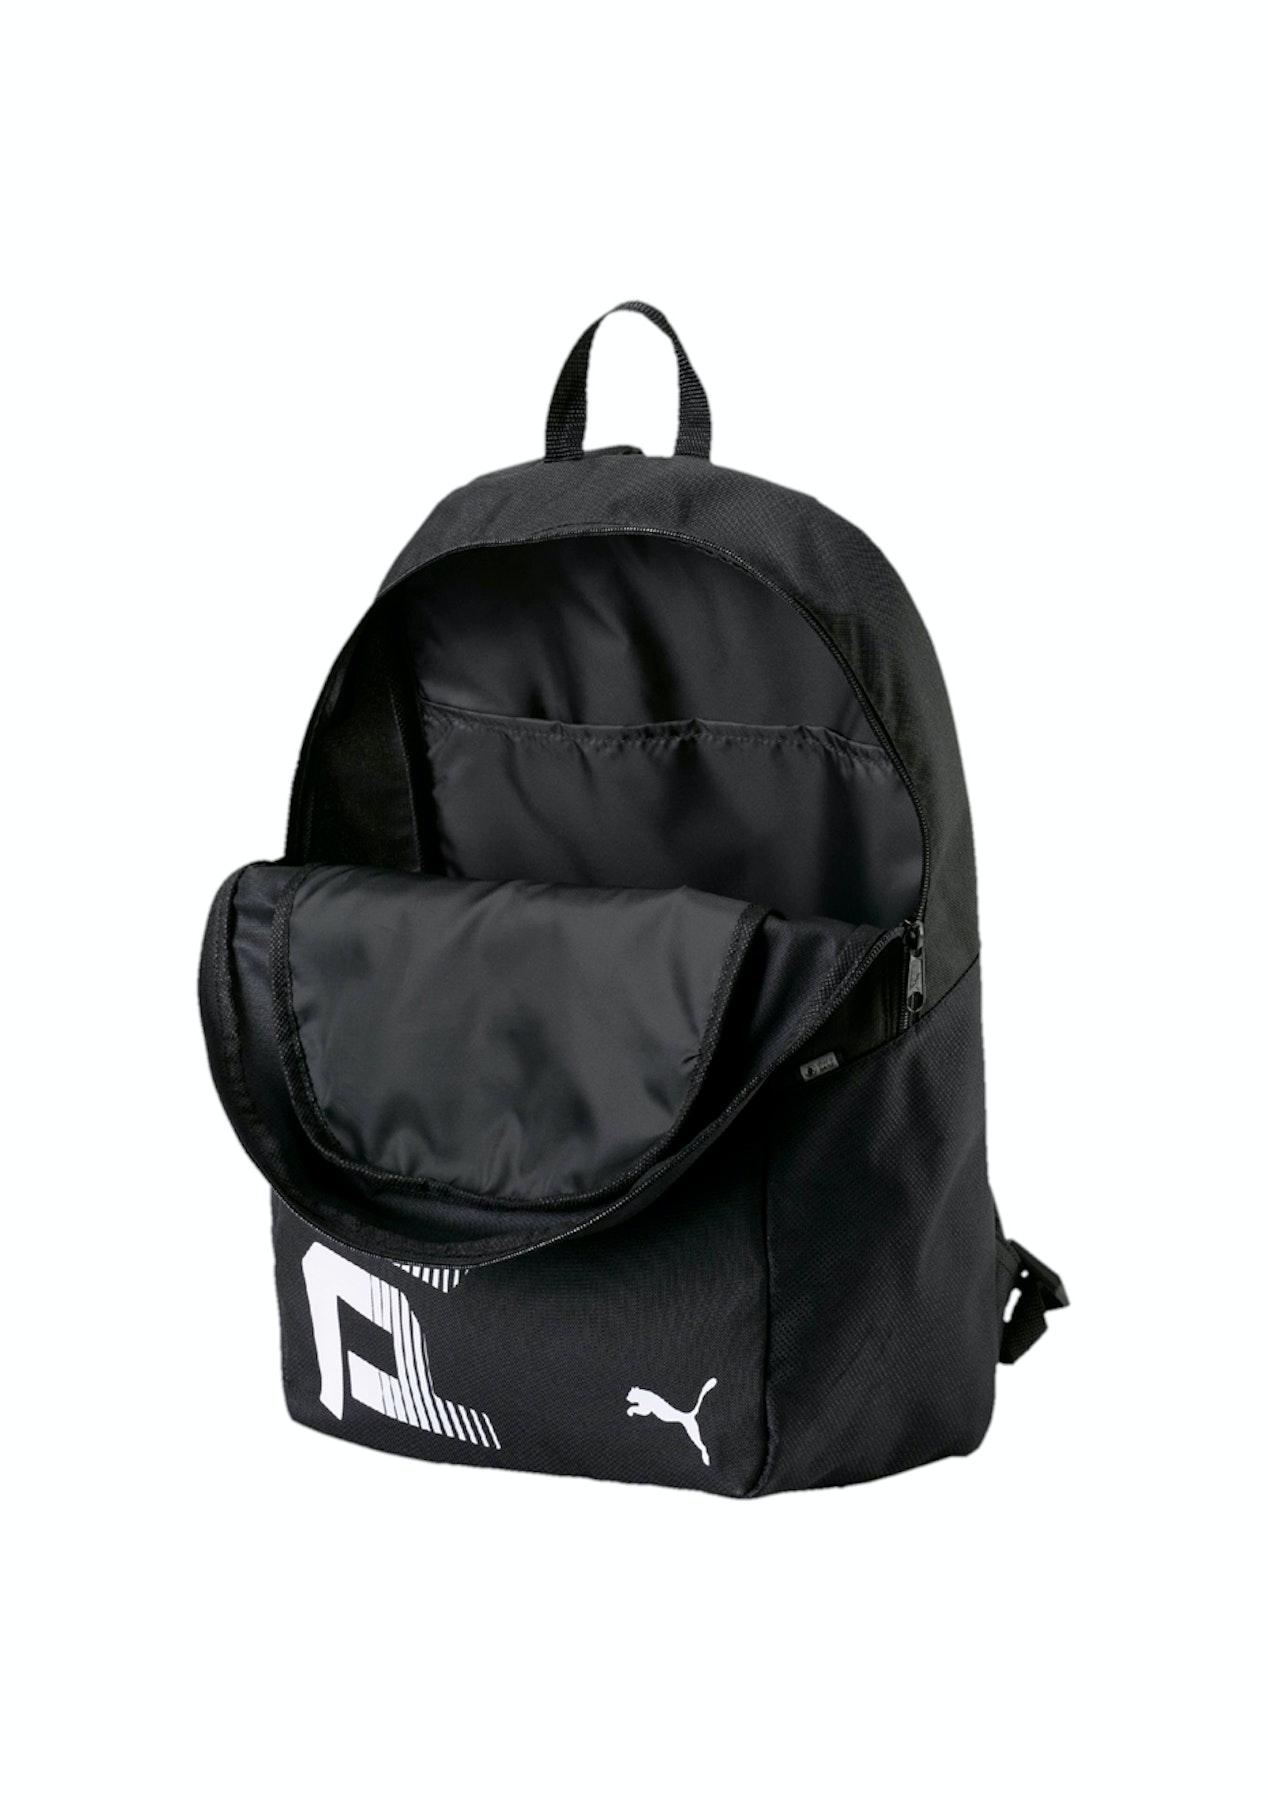 ea854fd5dc Puma - Puma Pioneer Backpack I Blk - Puma - Onceit